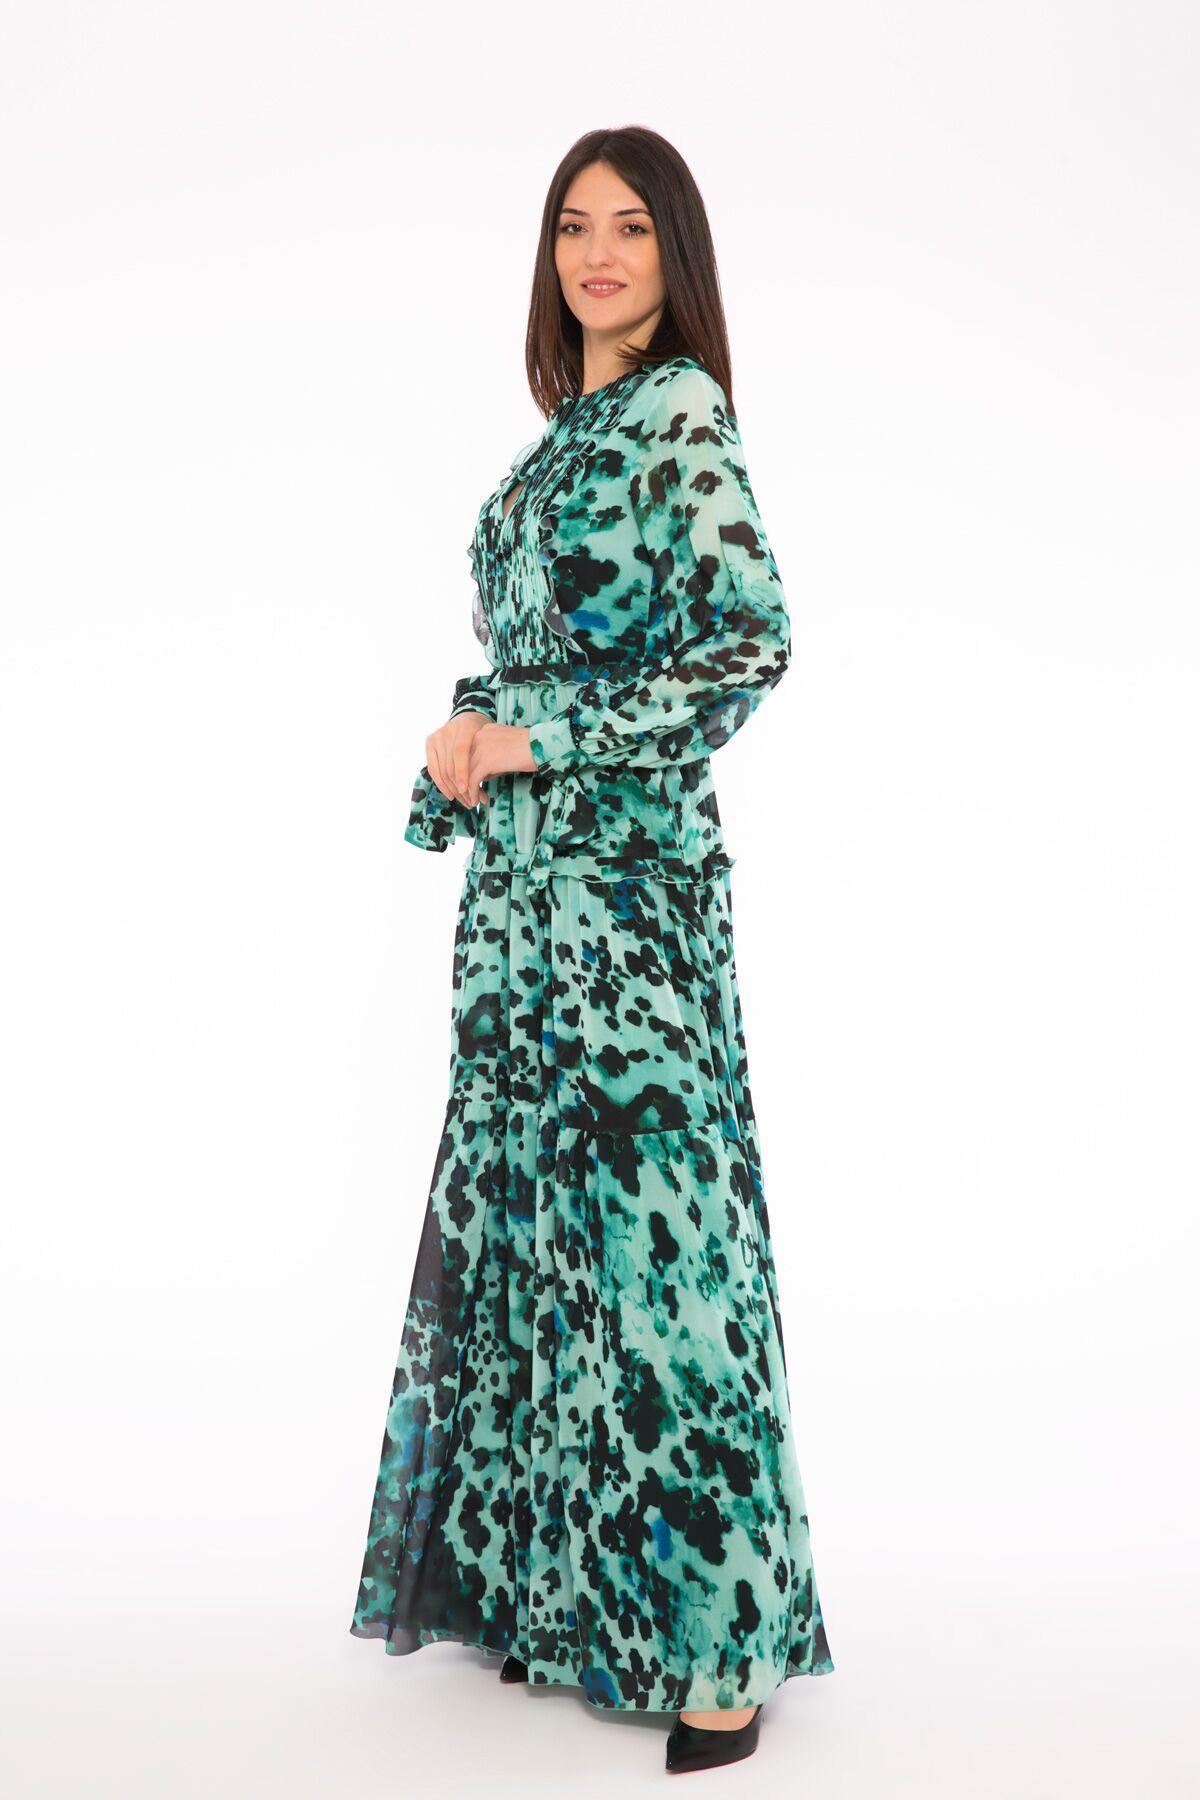 Kup Detaylı Volanlı Yakası Nervürlü Şifon Mini Elbise